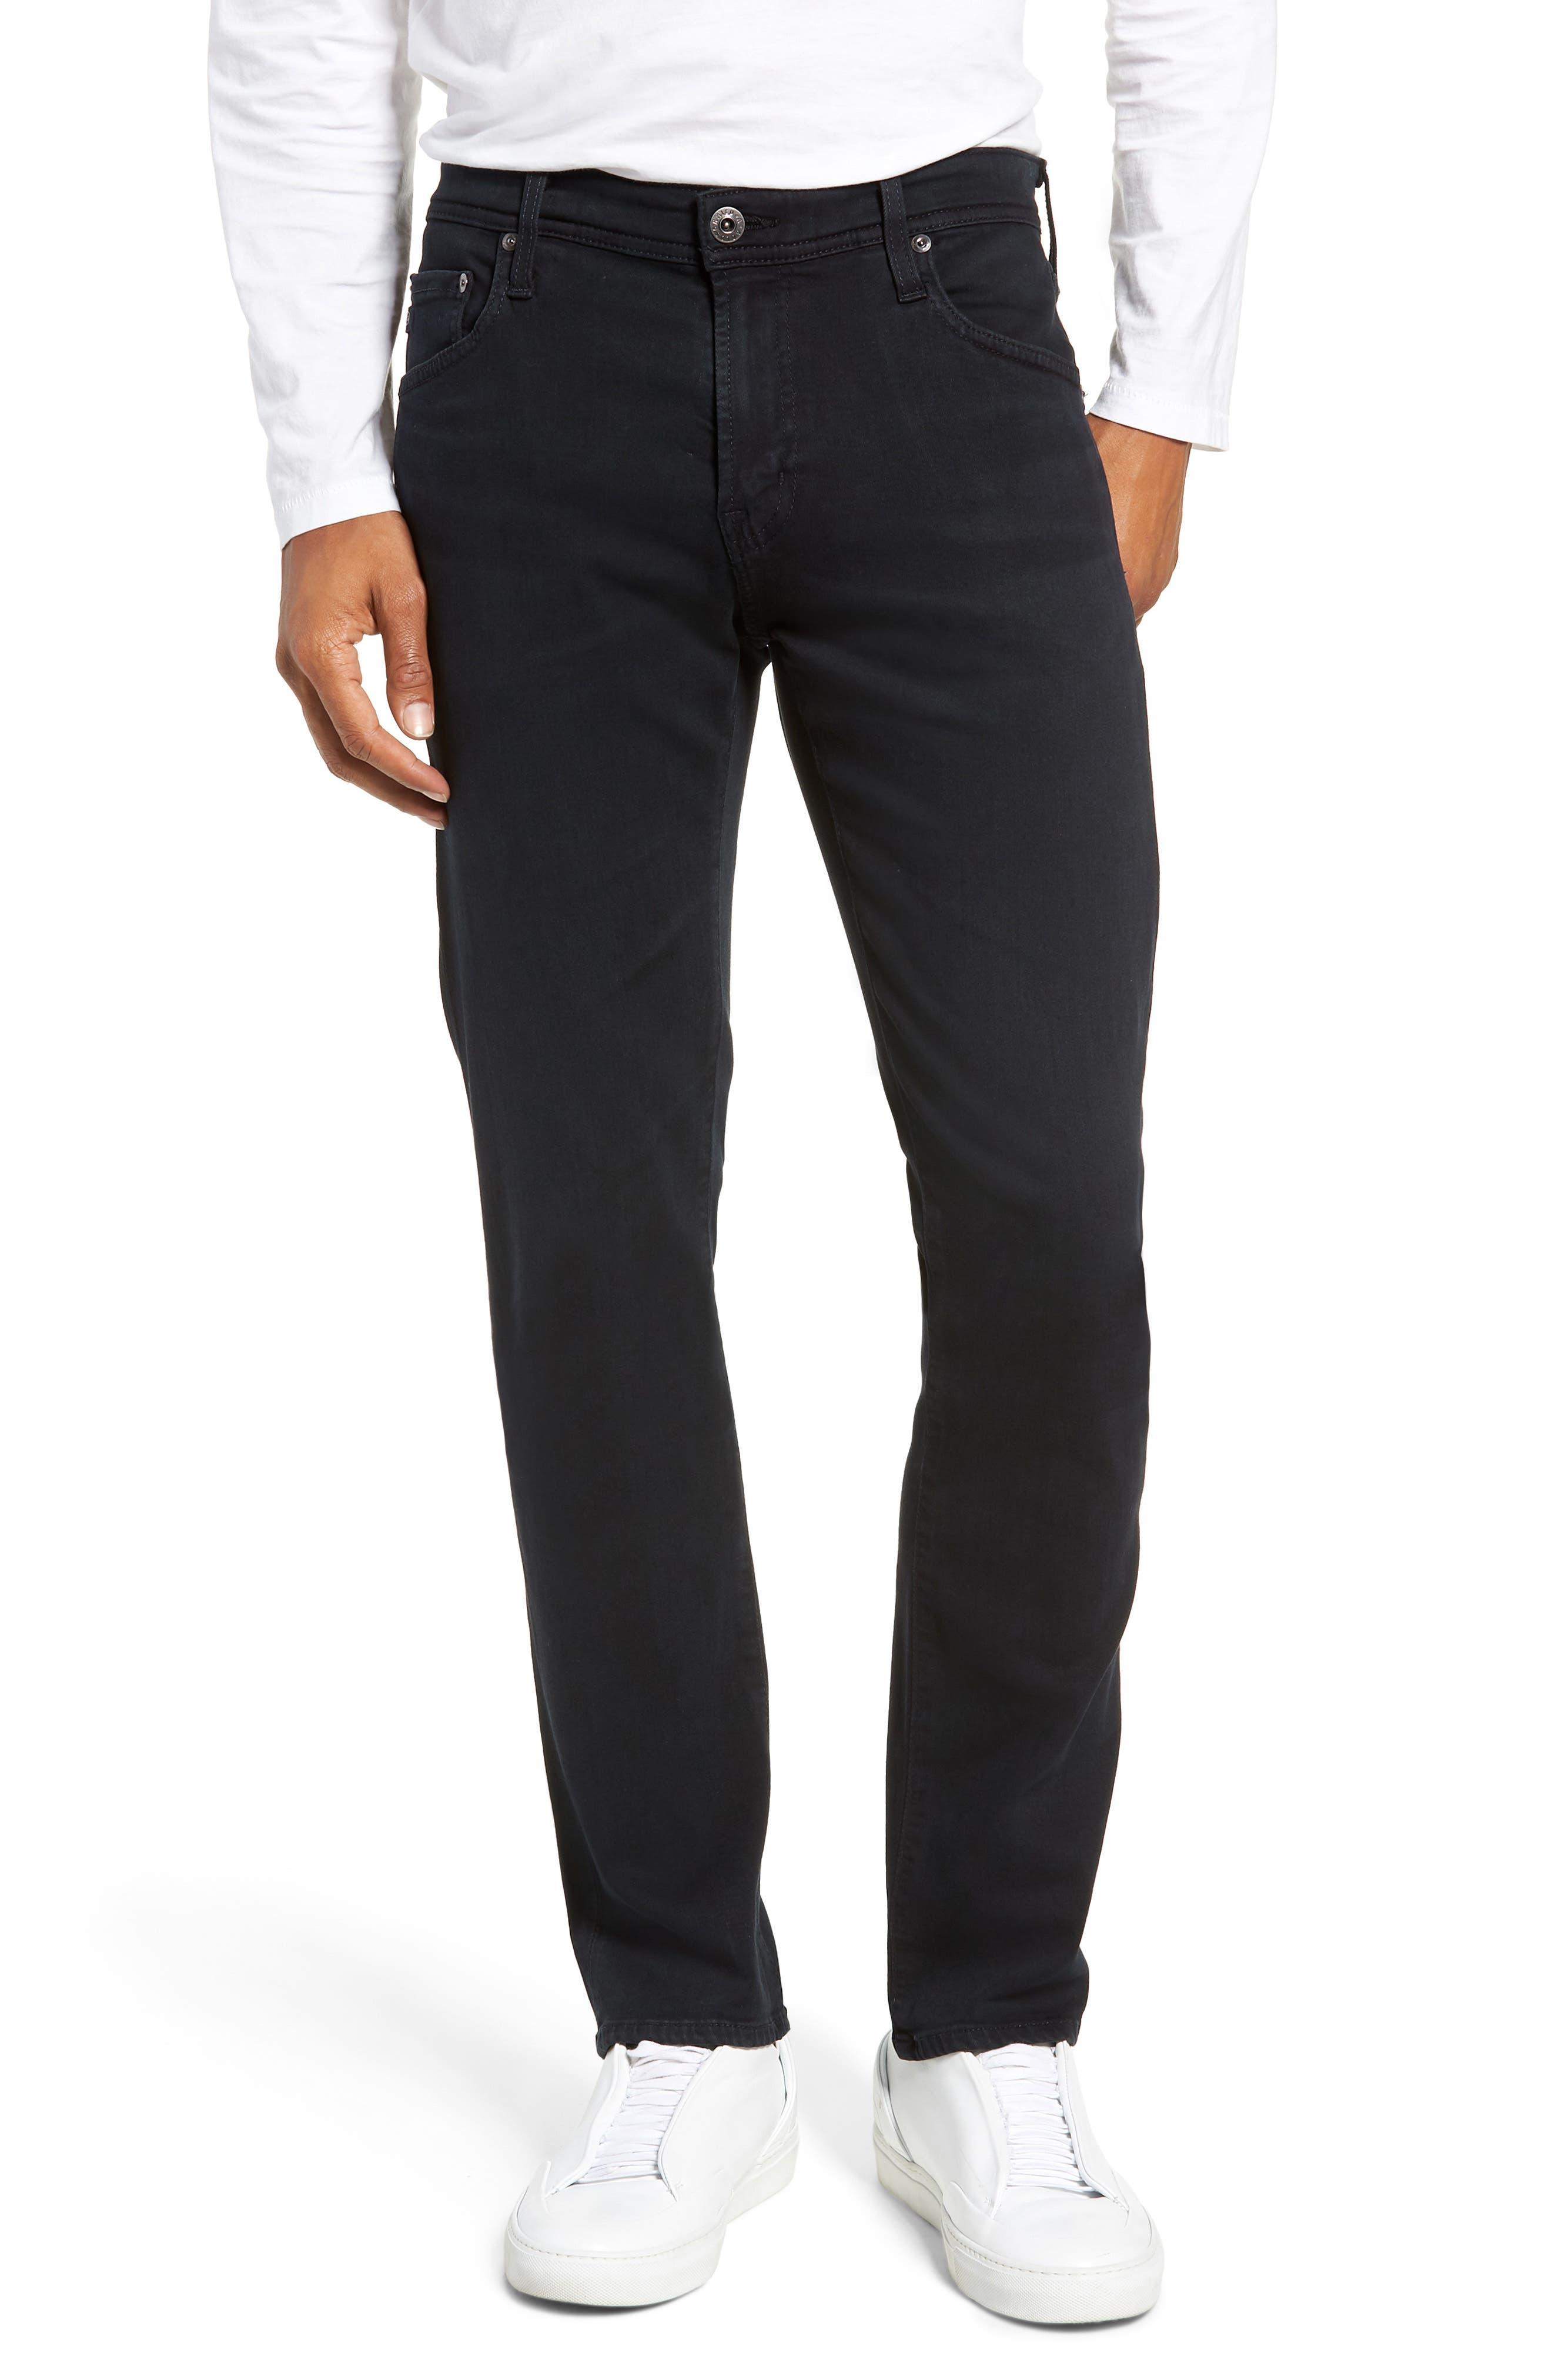 Tellis Slim Fit Jeans,                             Main thumbnail 1, color,                             BIG SUR